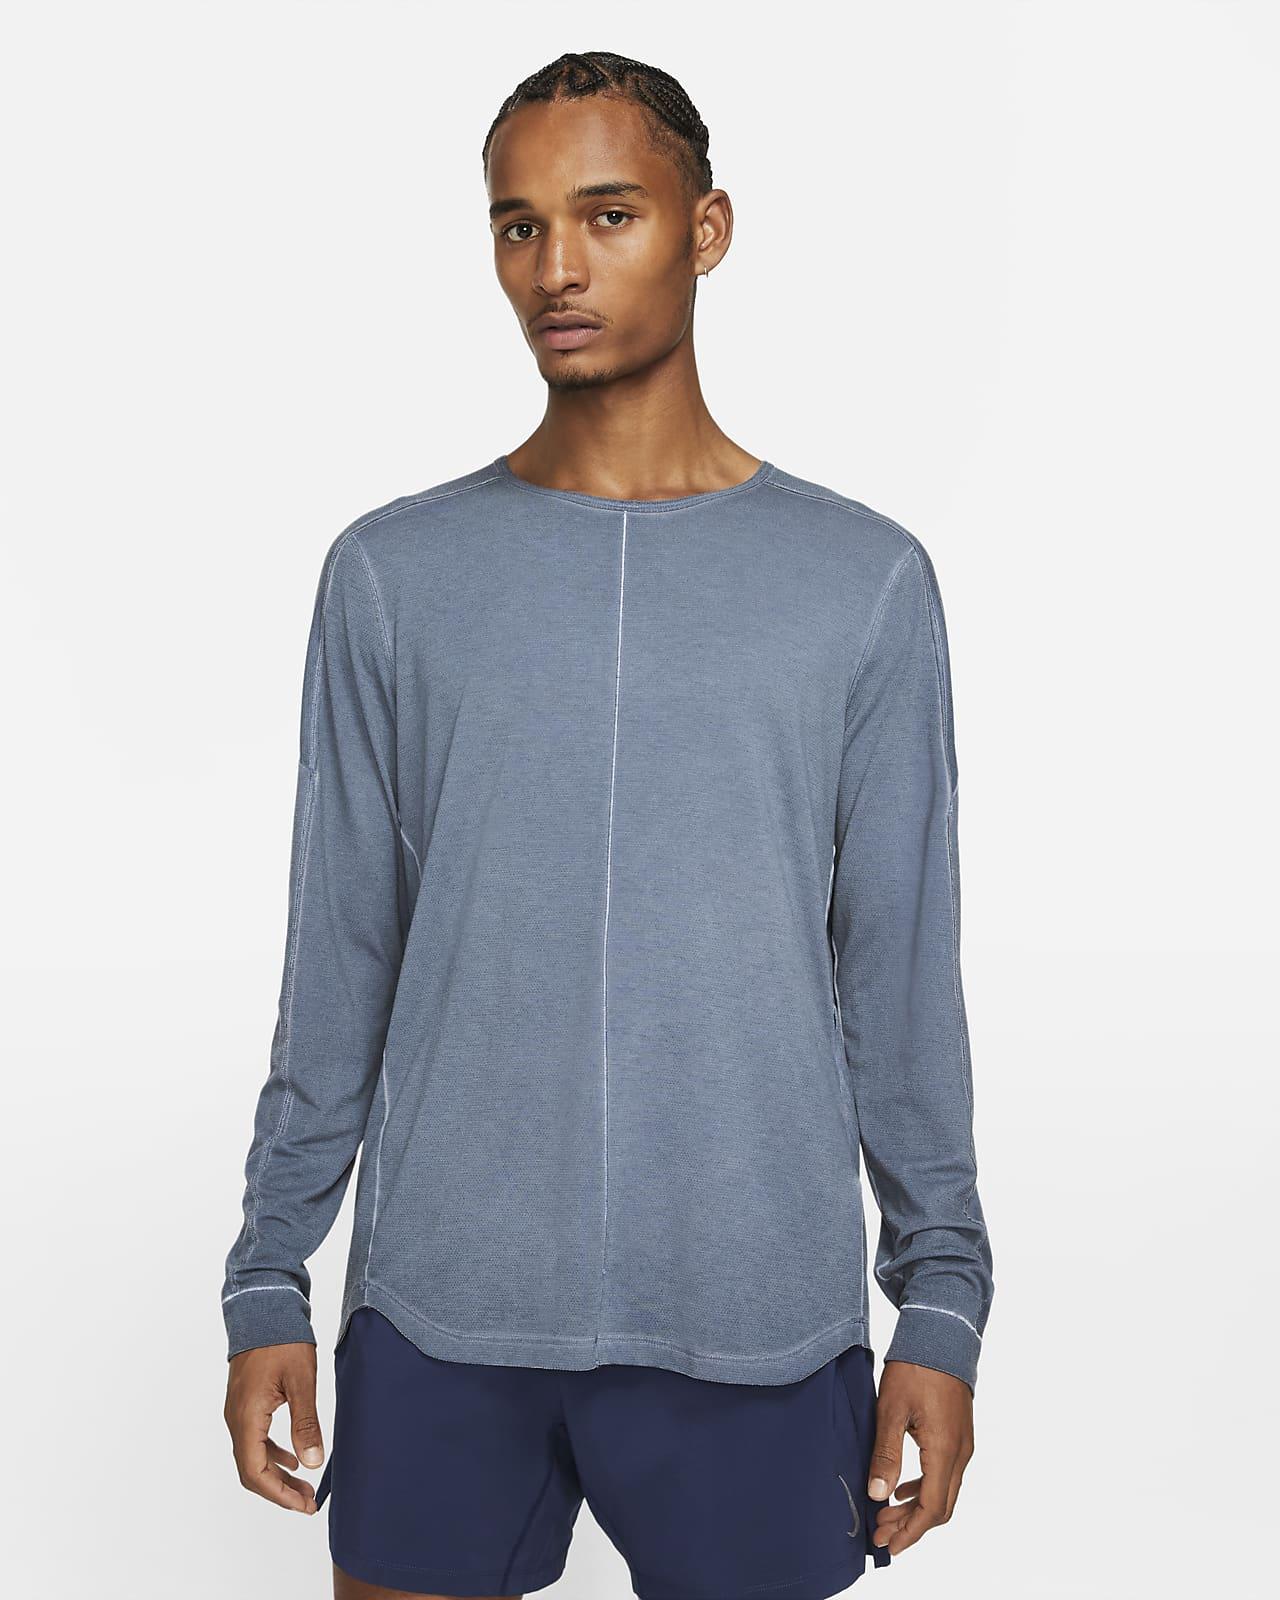 Pánské tričko sdlouhým rukávem Nike Yoga